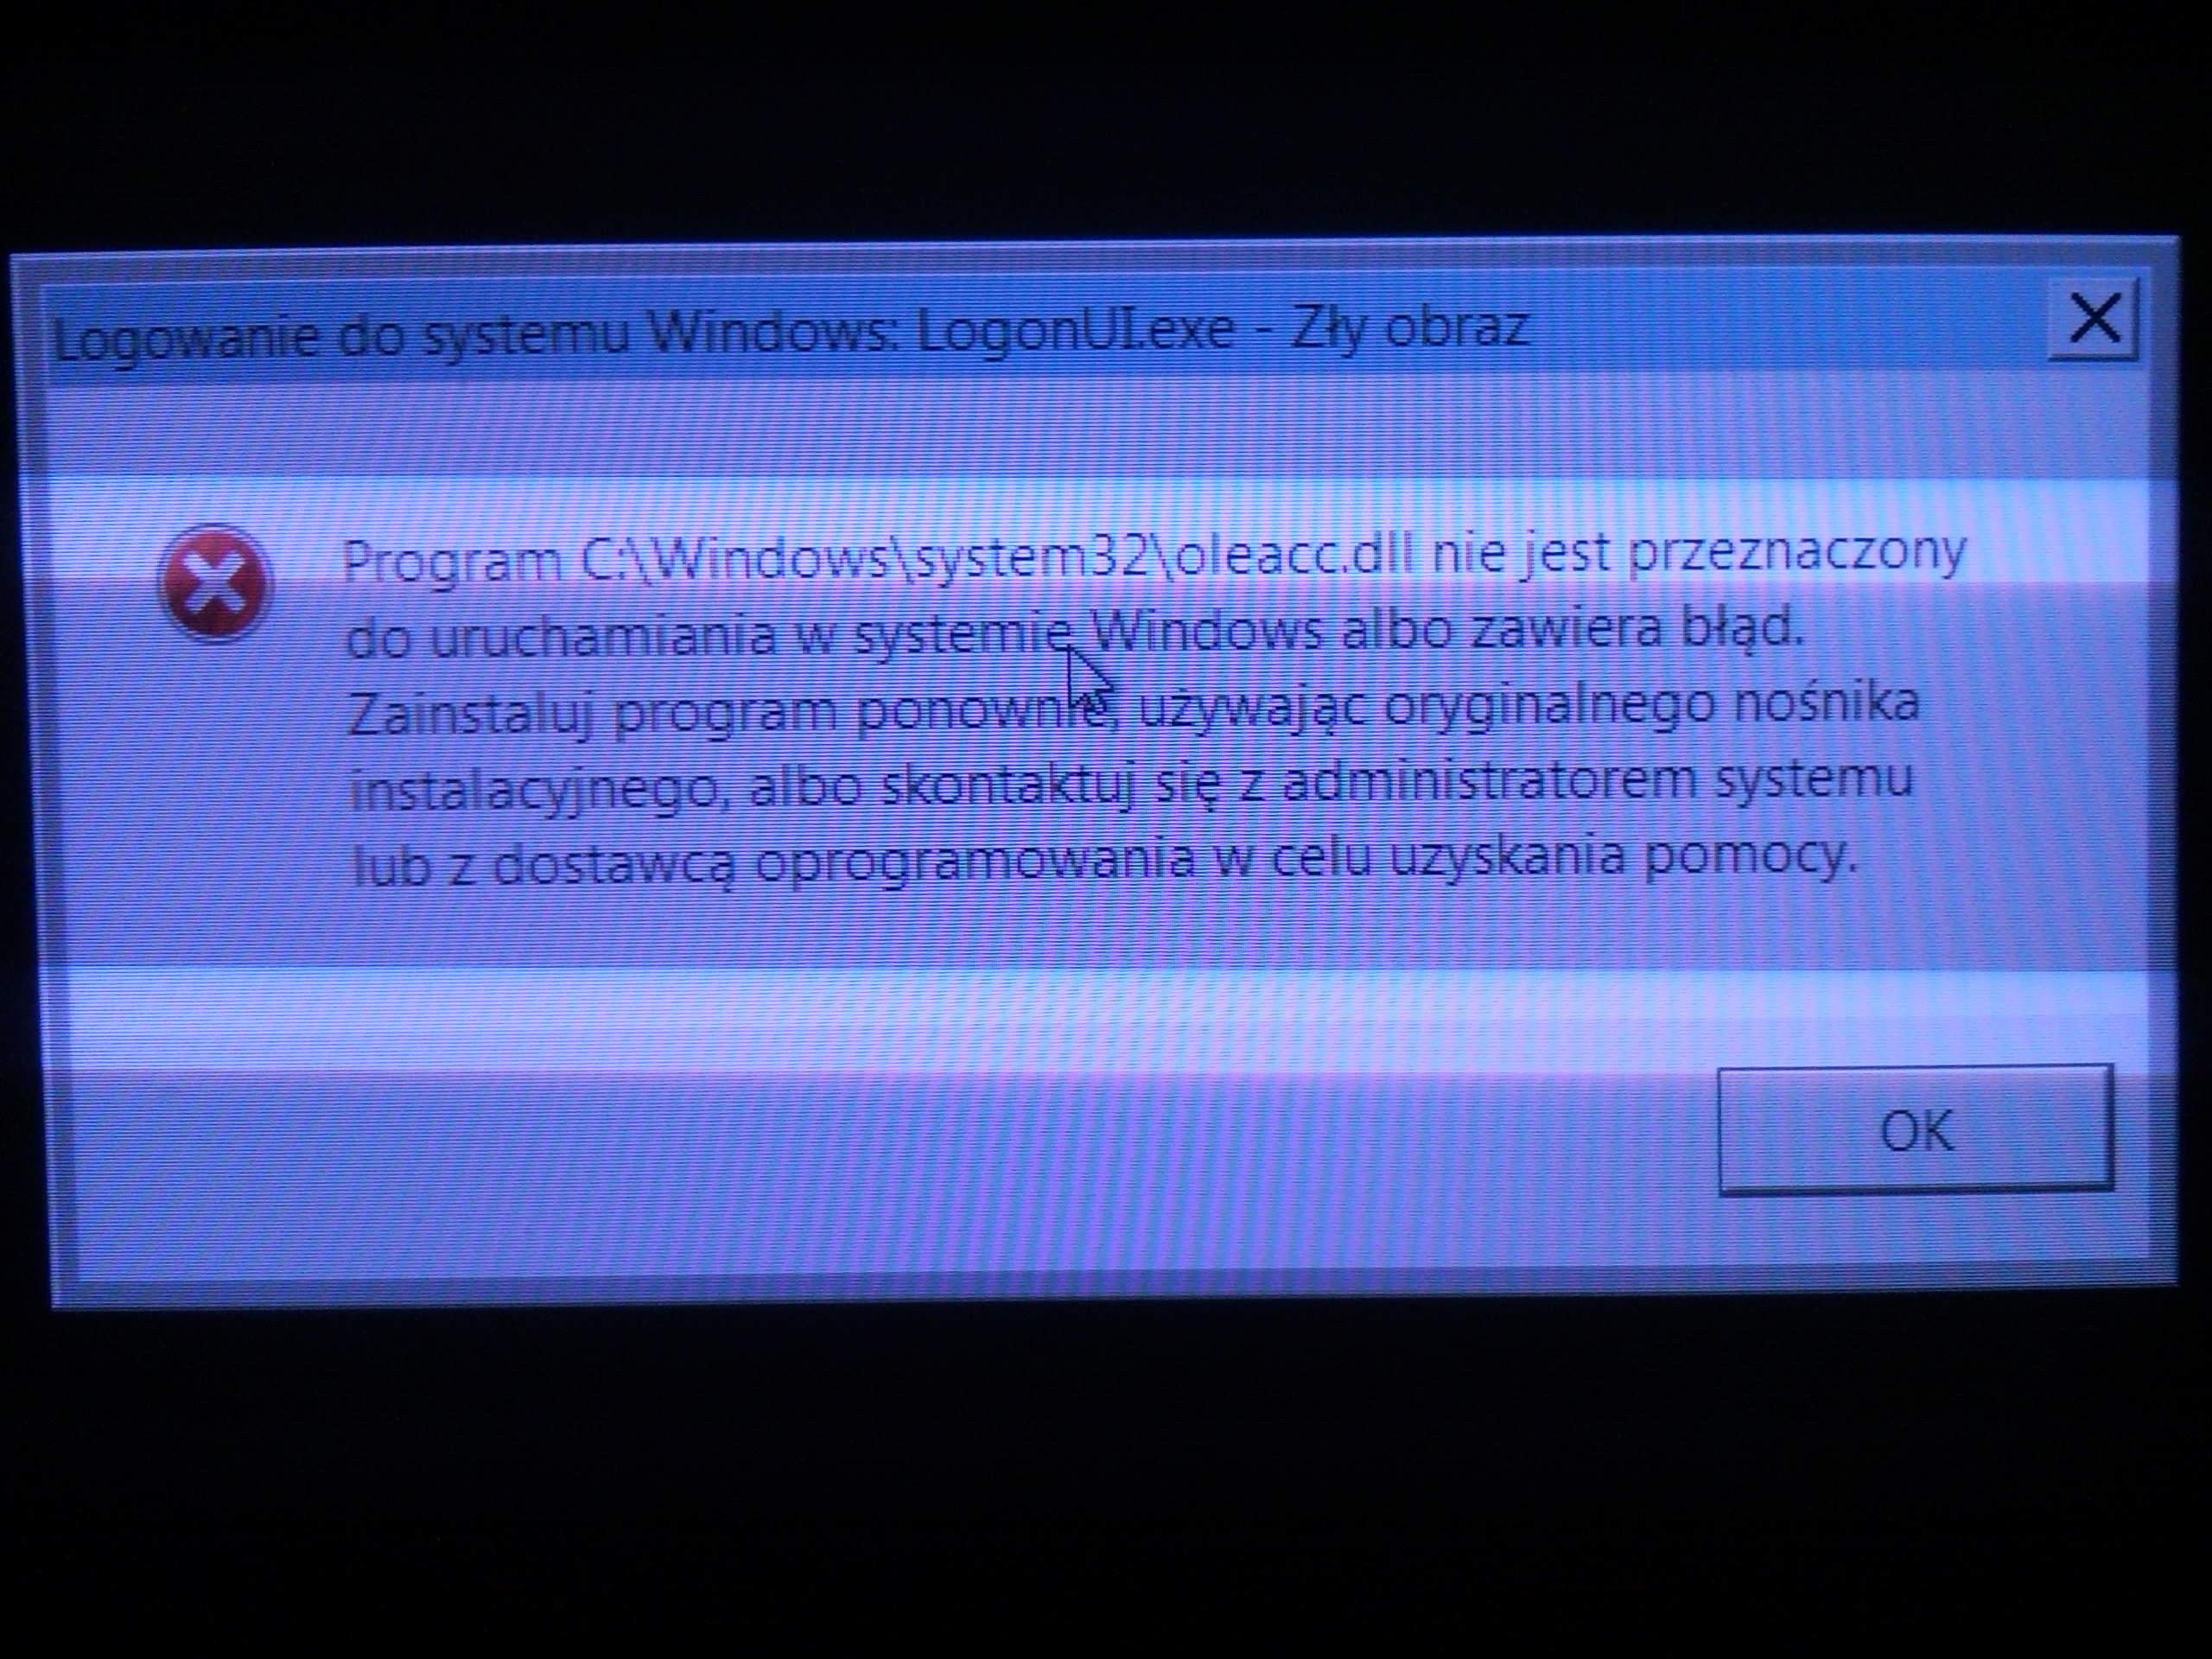 Sklonowanie partycji systemowej Win7 na jednym hdd wraz z jej uruchomieniem.